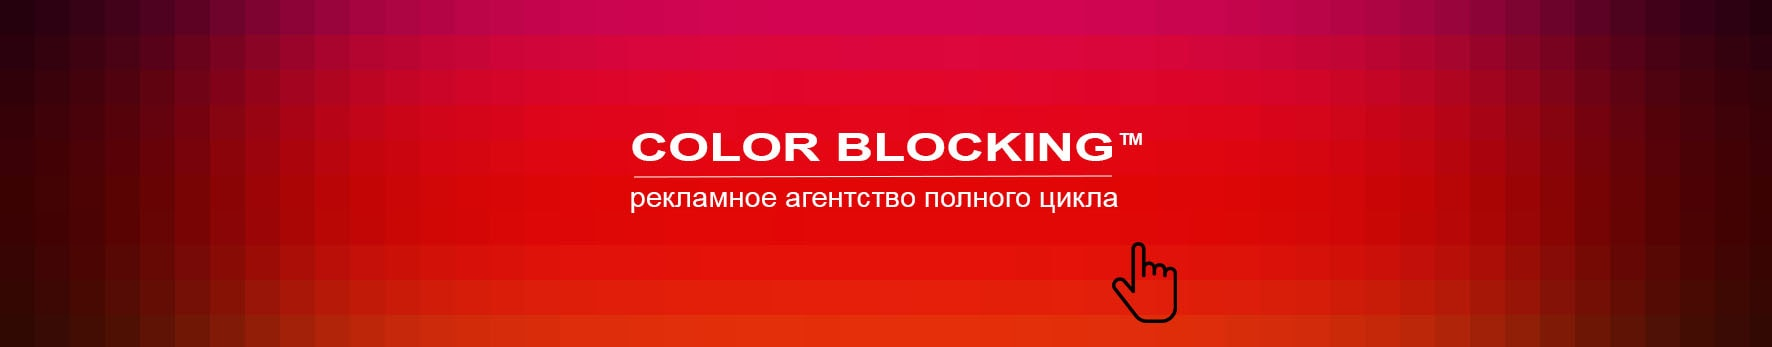 Размещение рекламы на светодиодных экранах в Грозном агентство